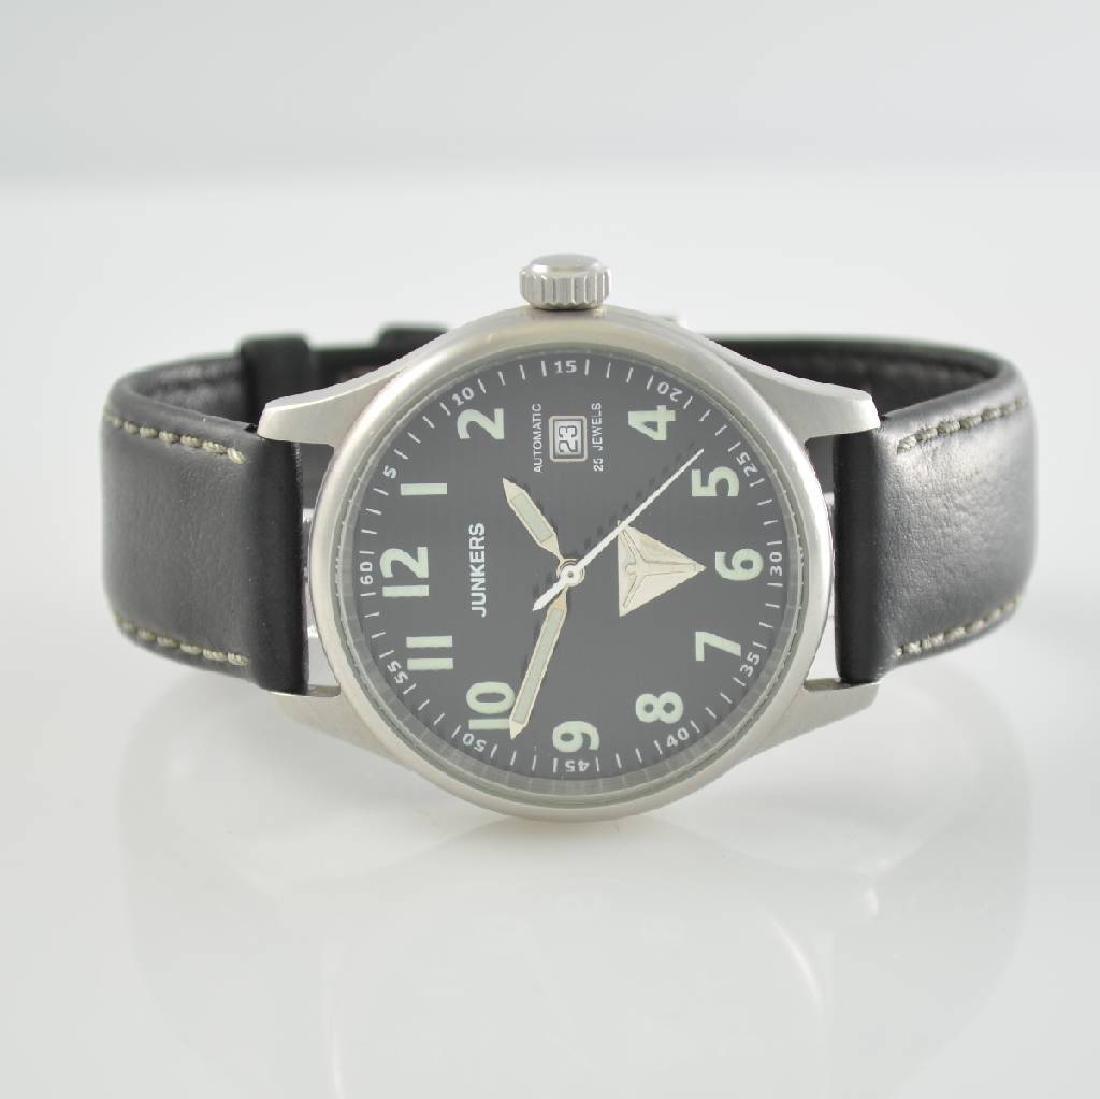 JUNKERS JU 52 gents wristwatch in stainless steel